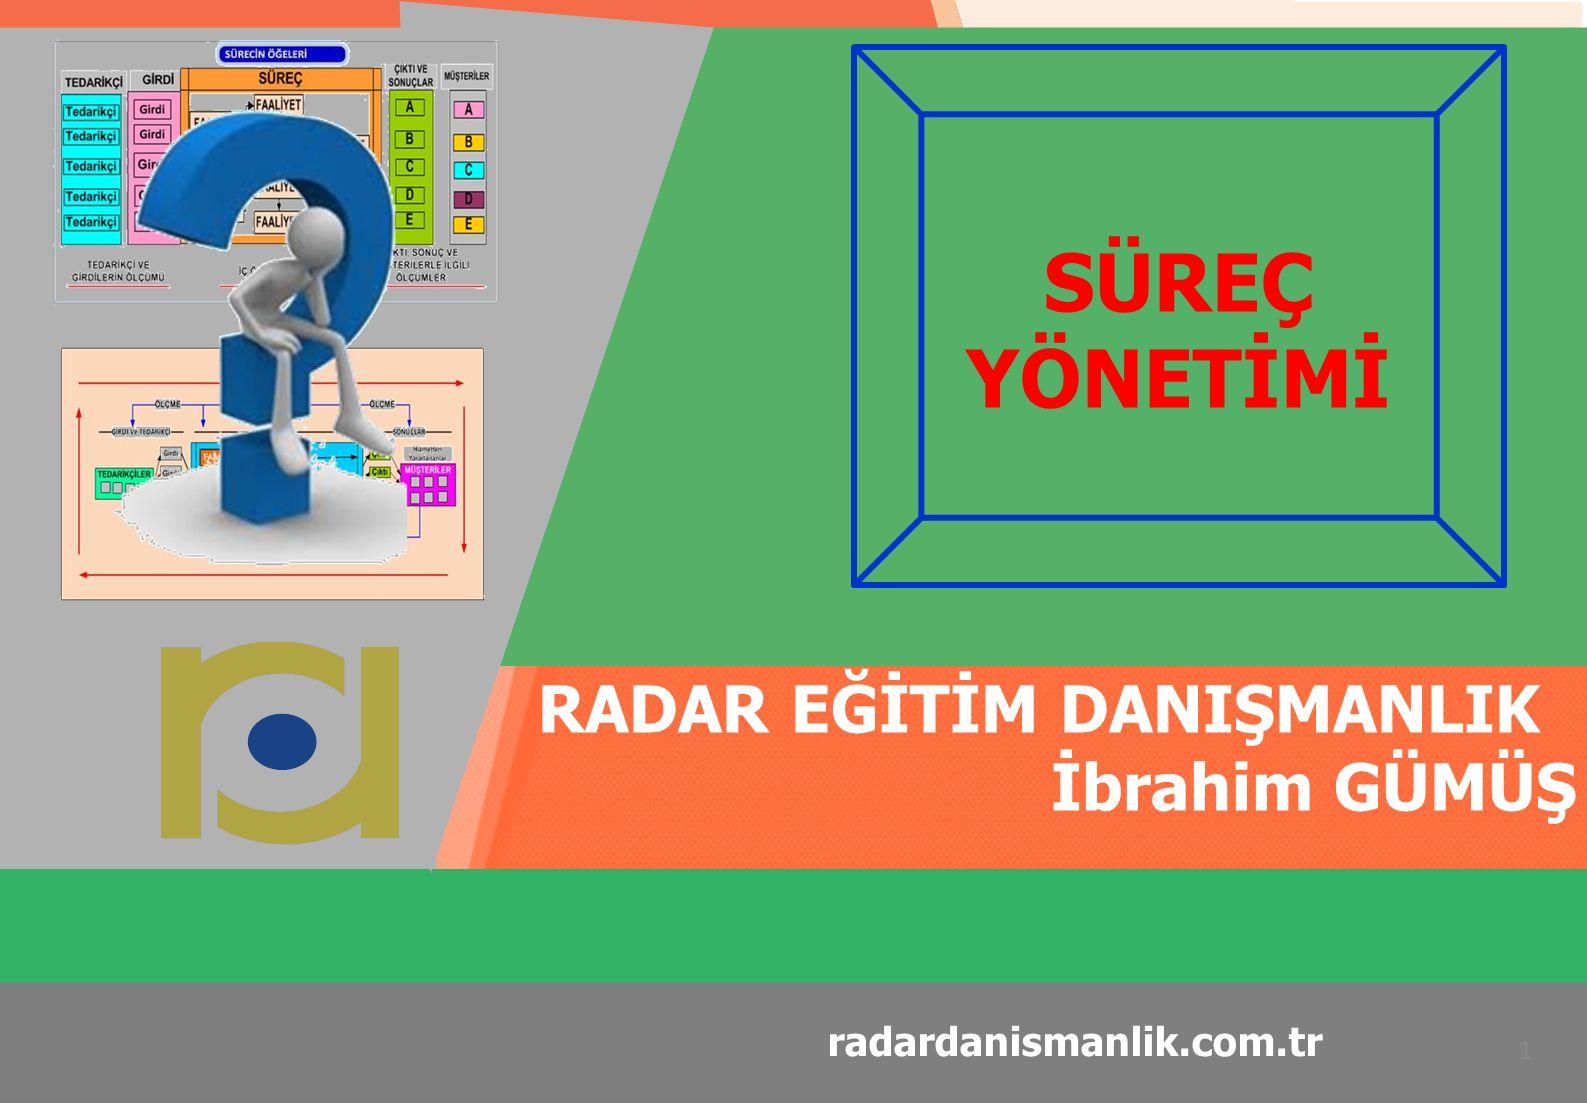 RADAR EĞİTİM DANIŞMANLIK SÜREÇ YÖNETİMİ 22 radardanismanlik.com.tr Eğitim Sistemin 7 Temel Öğesi 1.